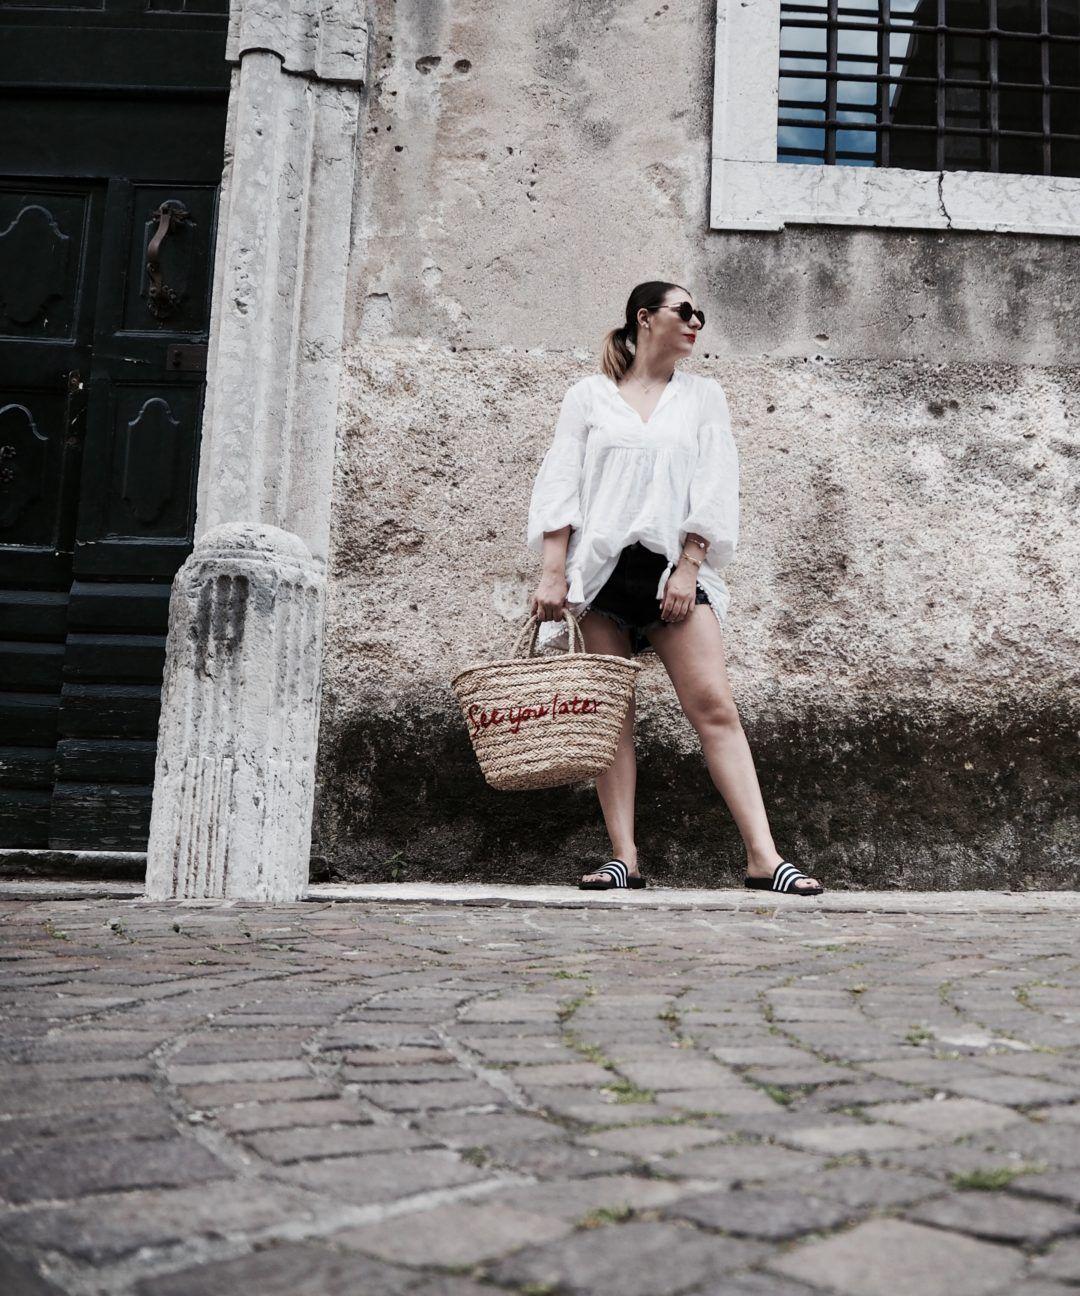 Italien war schon immer eines meiner liebsten Urlaubsziele